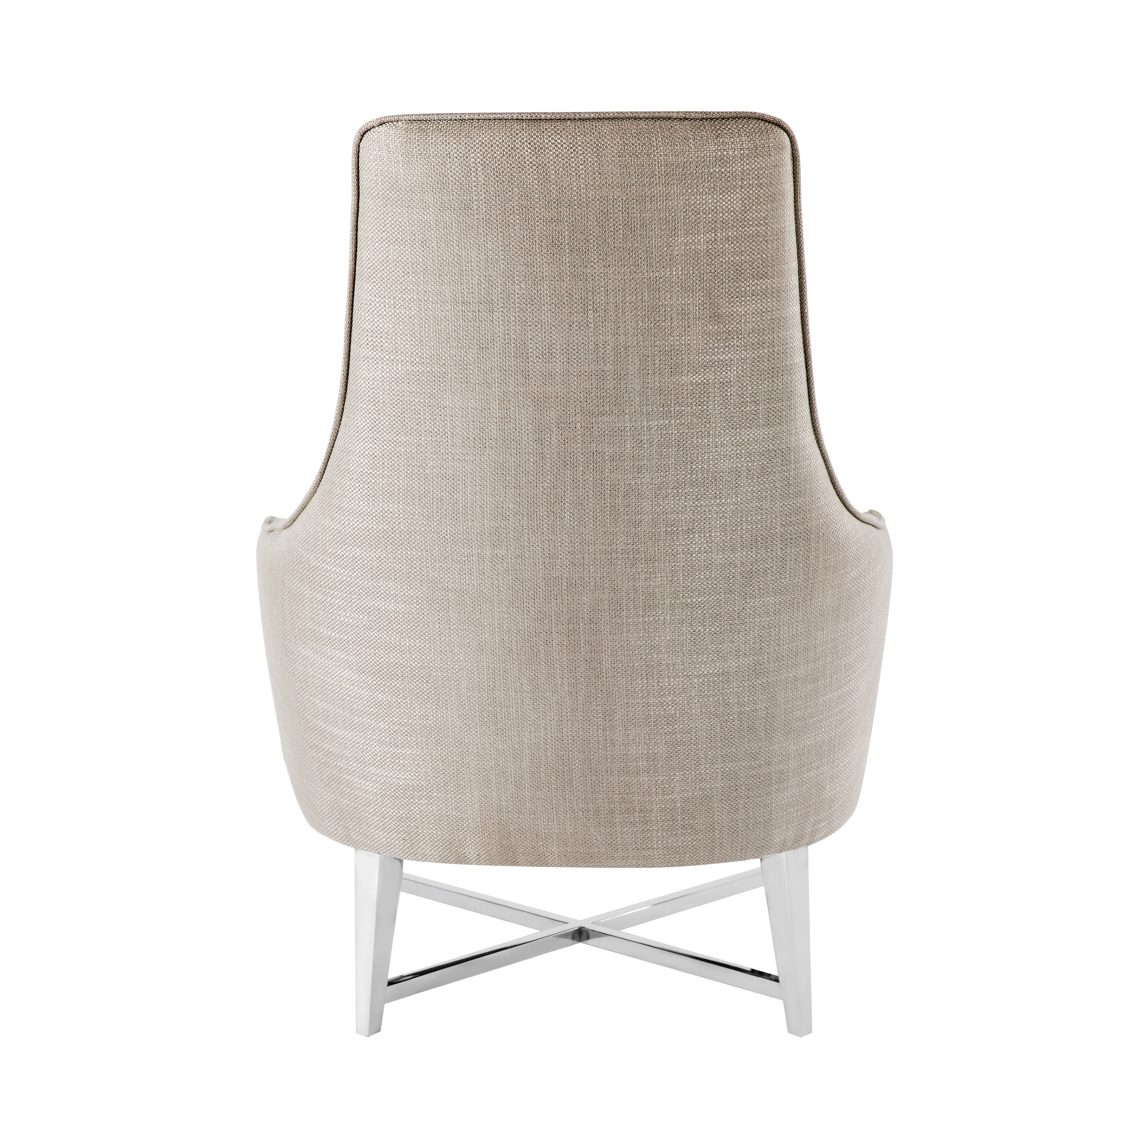 Красивая дорогая мебель, дизайнерское кресло с тканевой обивкой серого цвета, серебристая рогожка металлик, реплика (копия) флексформ, flexform, mood